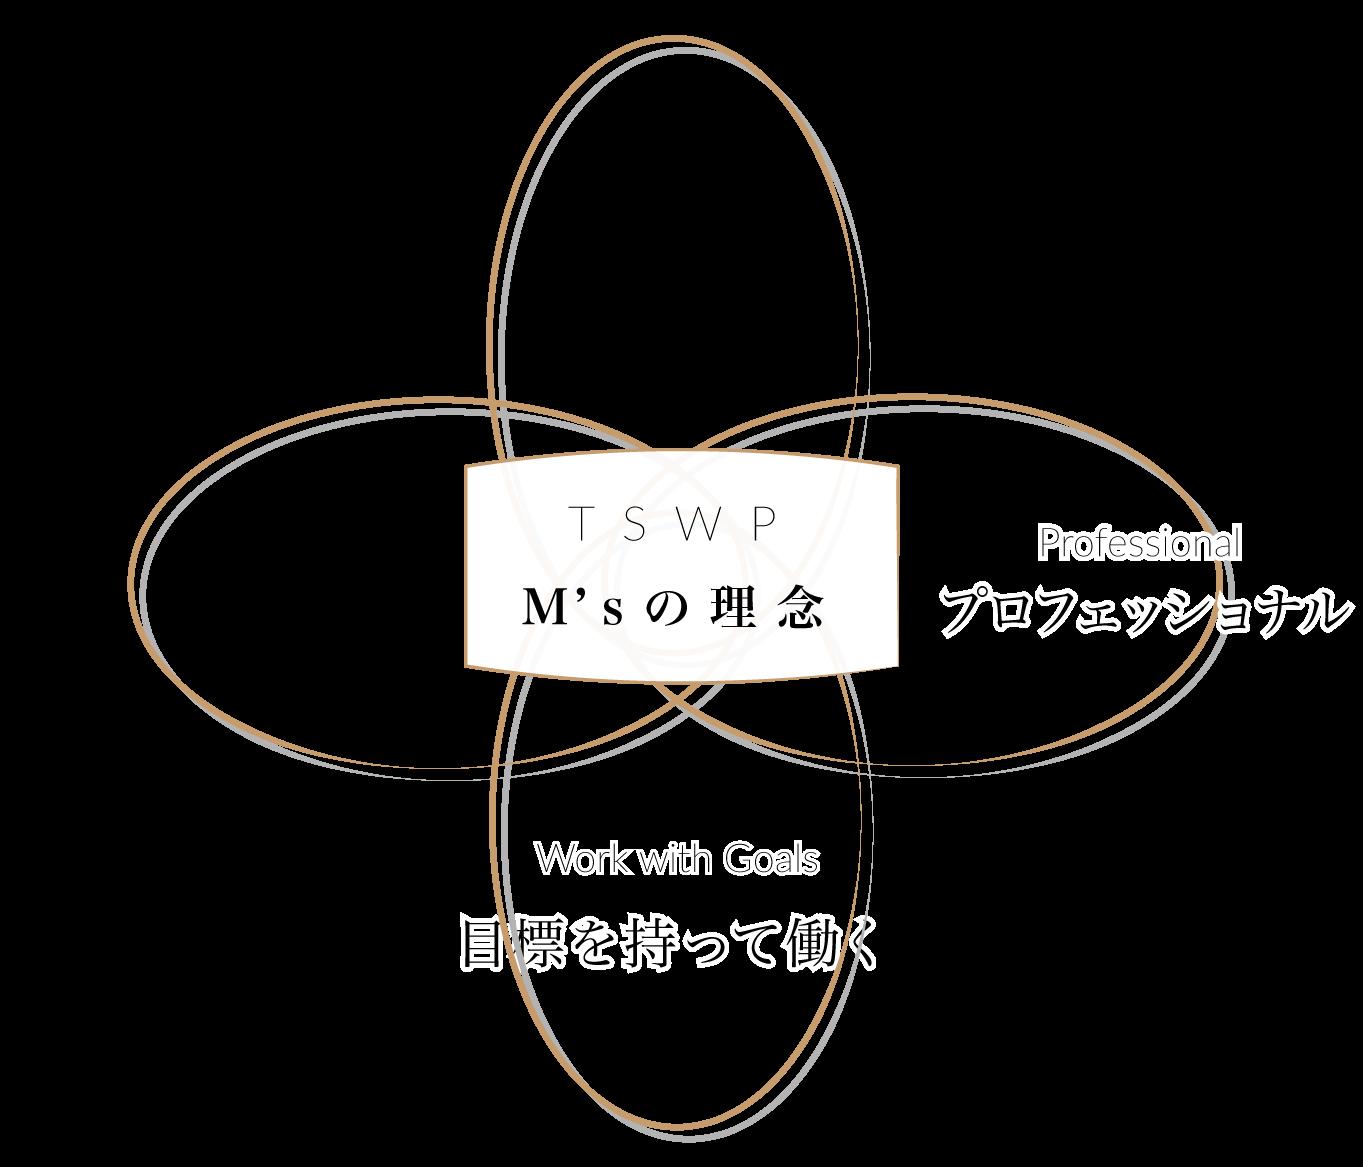 TSWP M's(エムズ)の理念